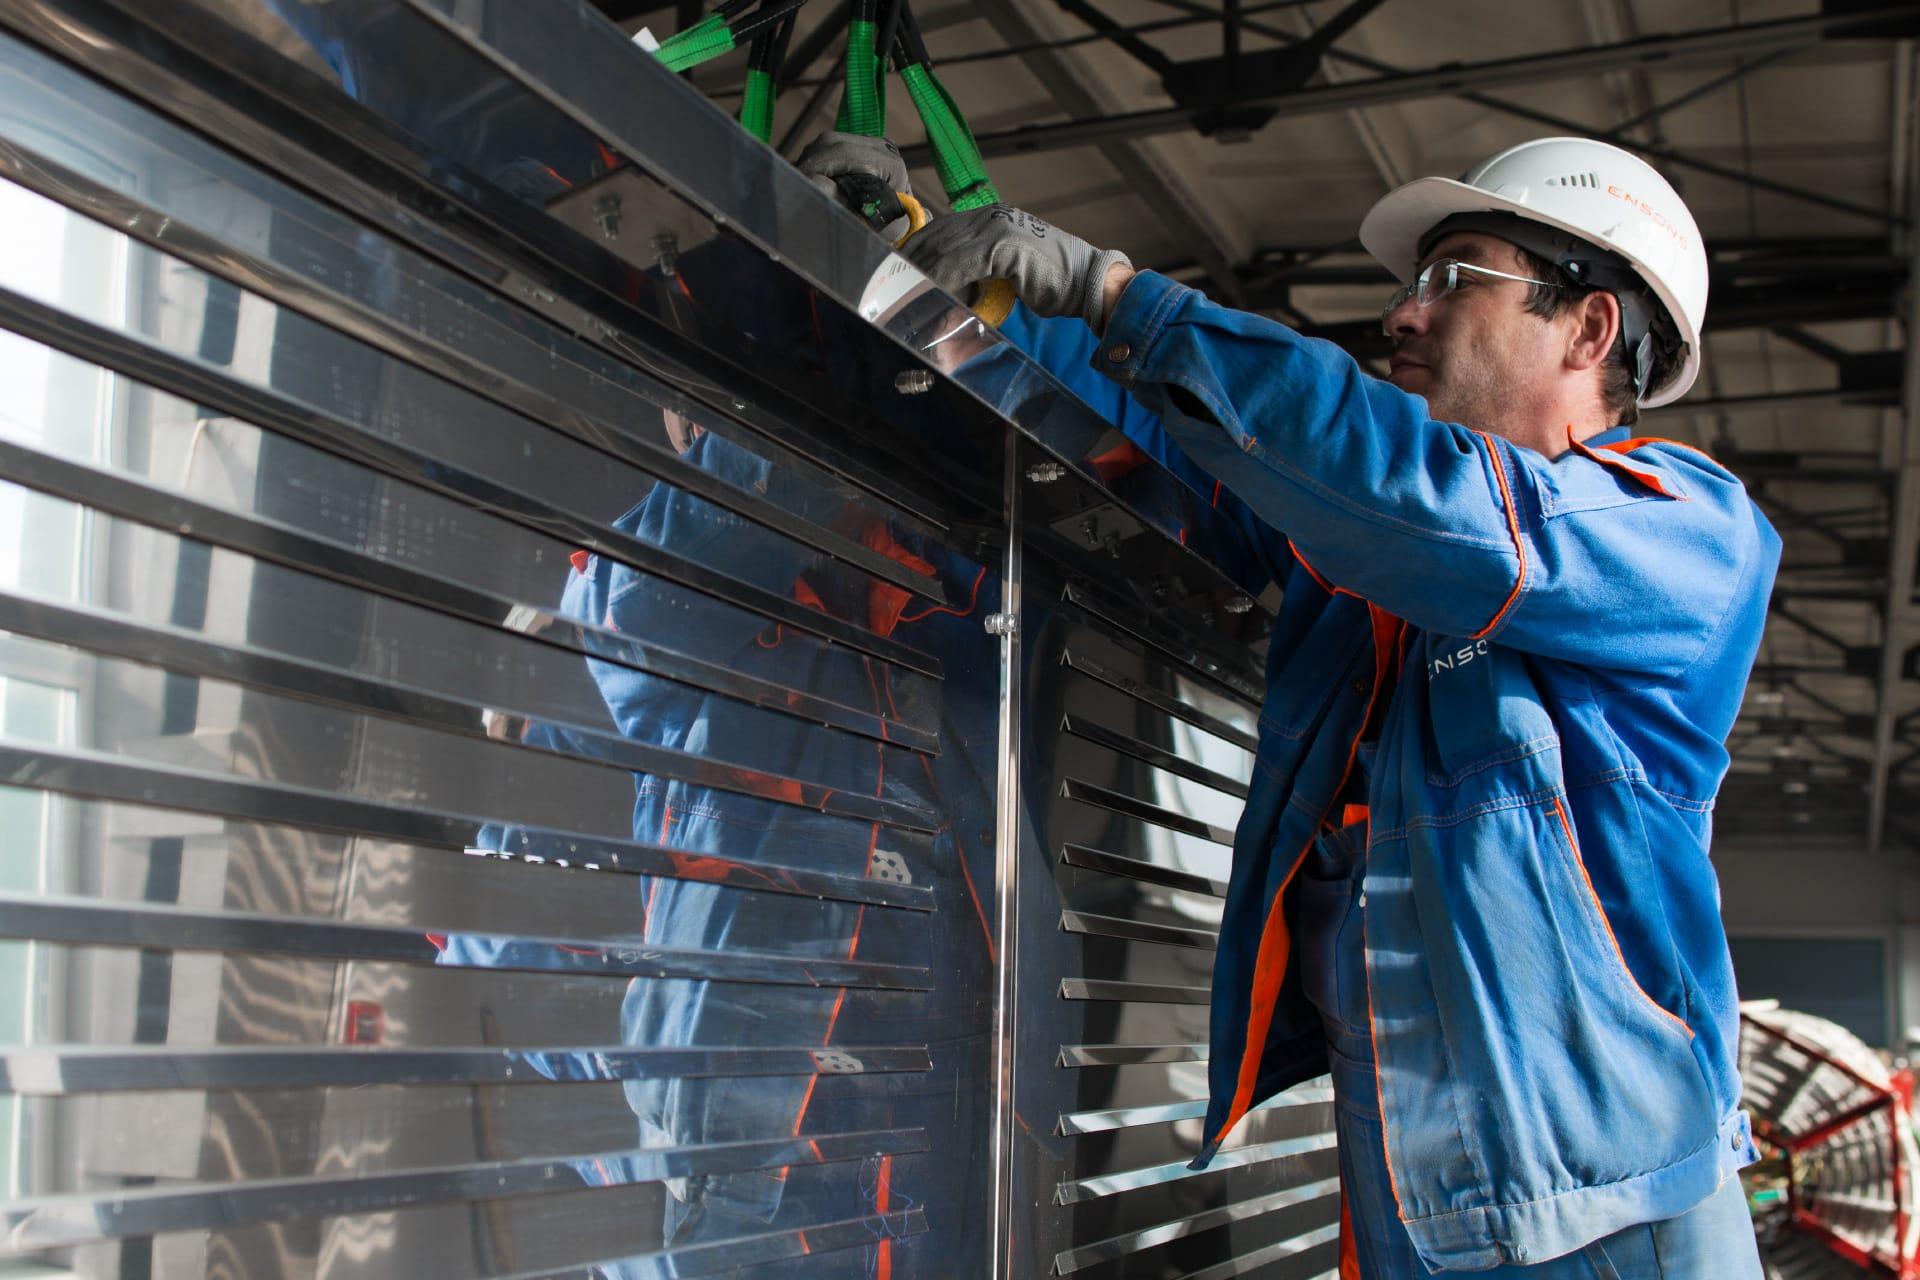 Ensons - Высокоомные резисторы на класс напряжения 35 кВ для МРСК Северо-Запада